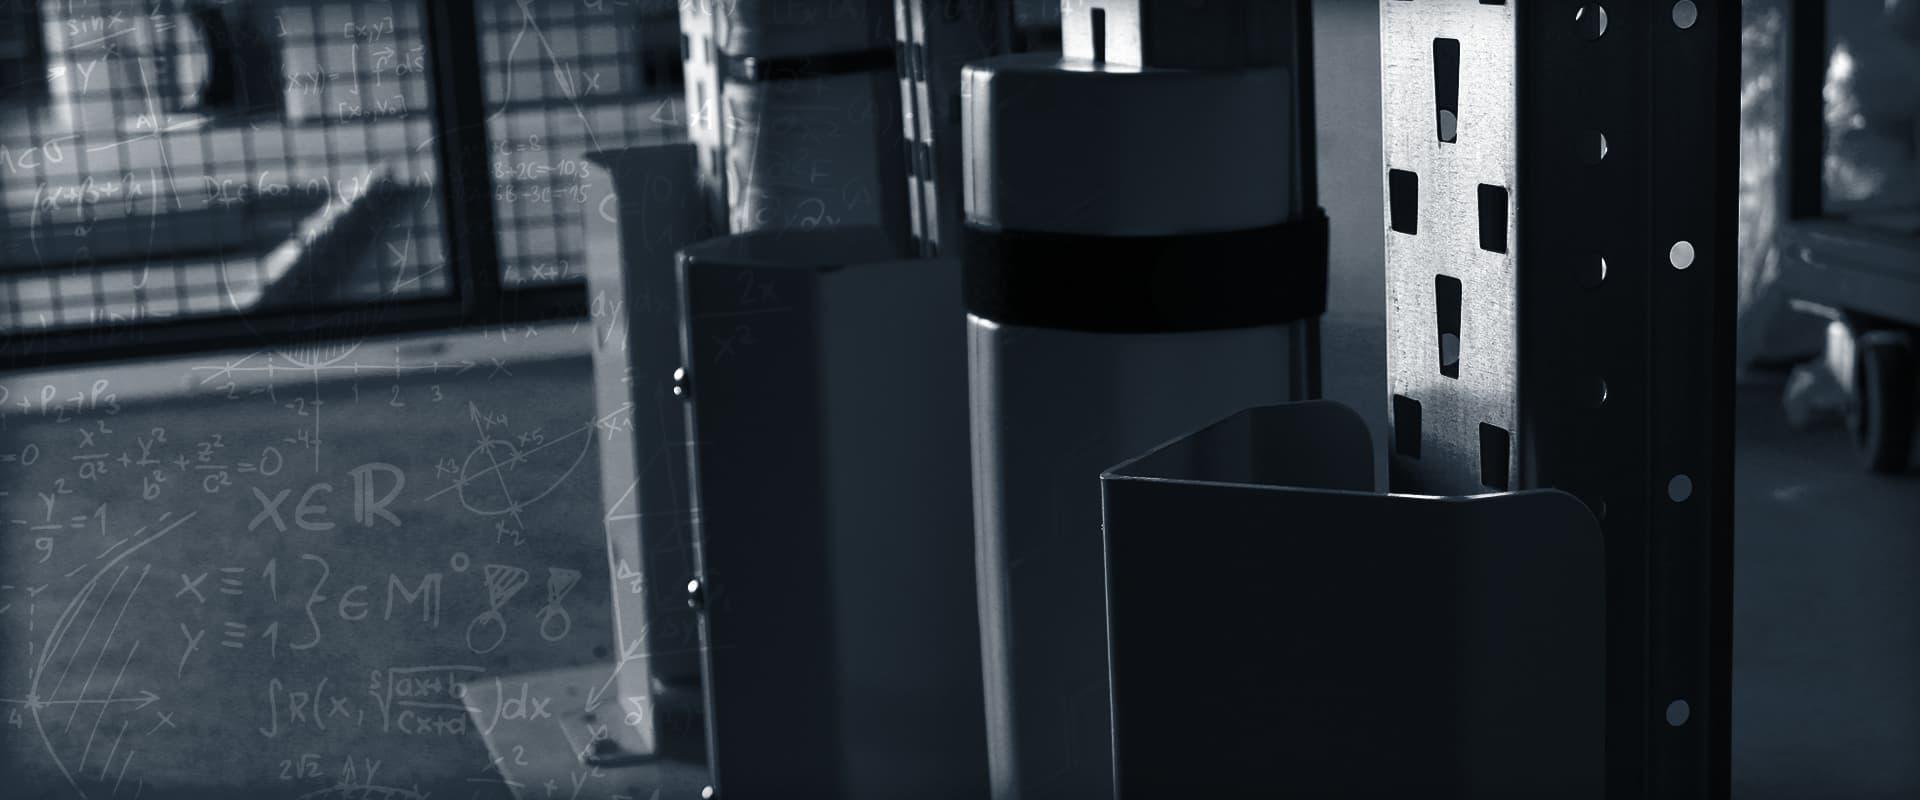 SÉCURITÉ ET PROTECTION - gamme complète de protections industrielles pour les entrepôts : sabot métallique, mousse amortissante, protection rigide en PEHD, profilé adhésif en mousse longueur 1 mètre